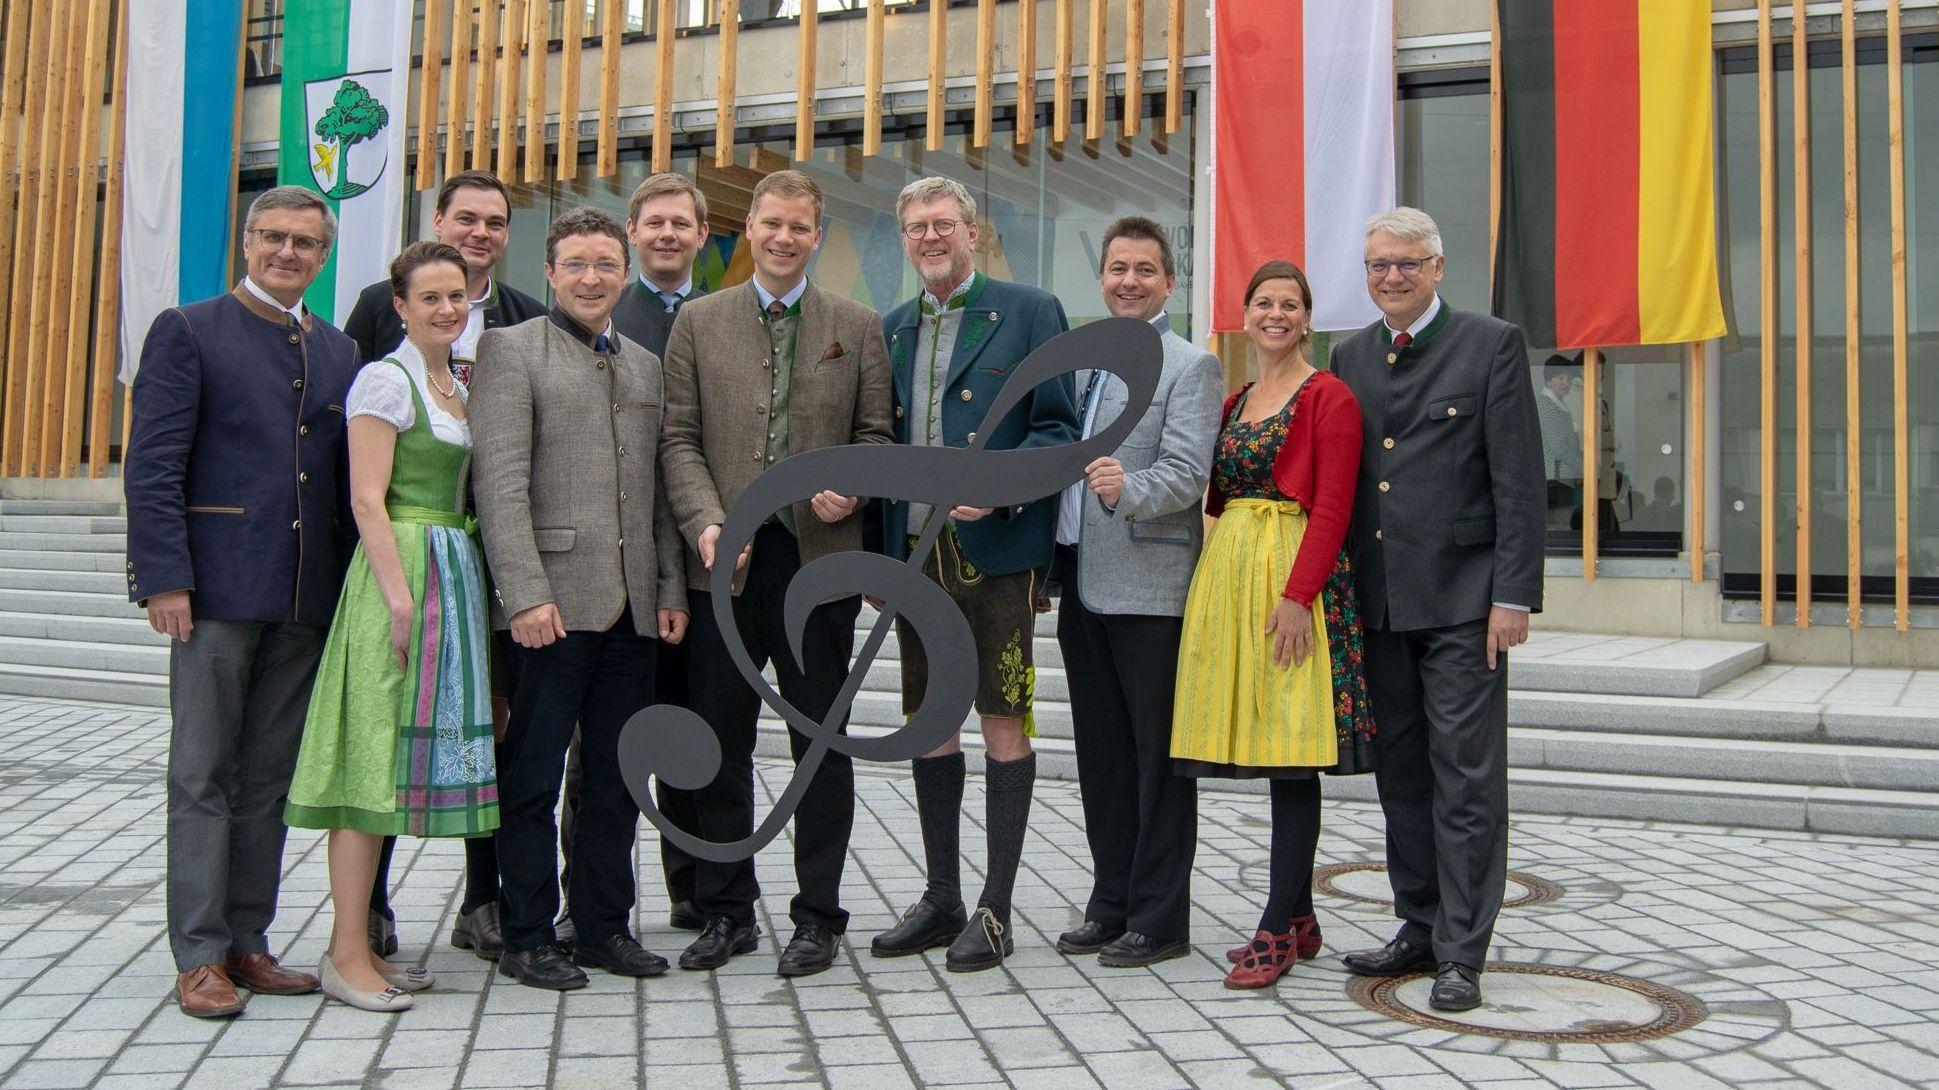 Freyungs Bürgermeister Olaf Heinrich und Schirmherr Marcel Huber zusammen mit anderen Gästen vor der Volksmusikakademie